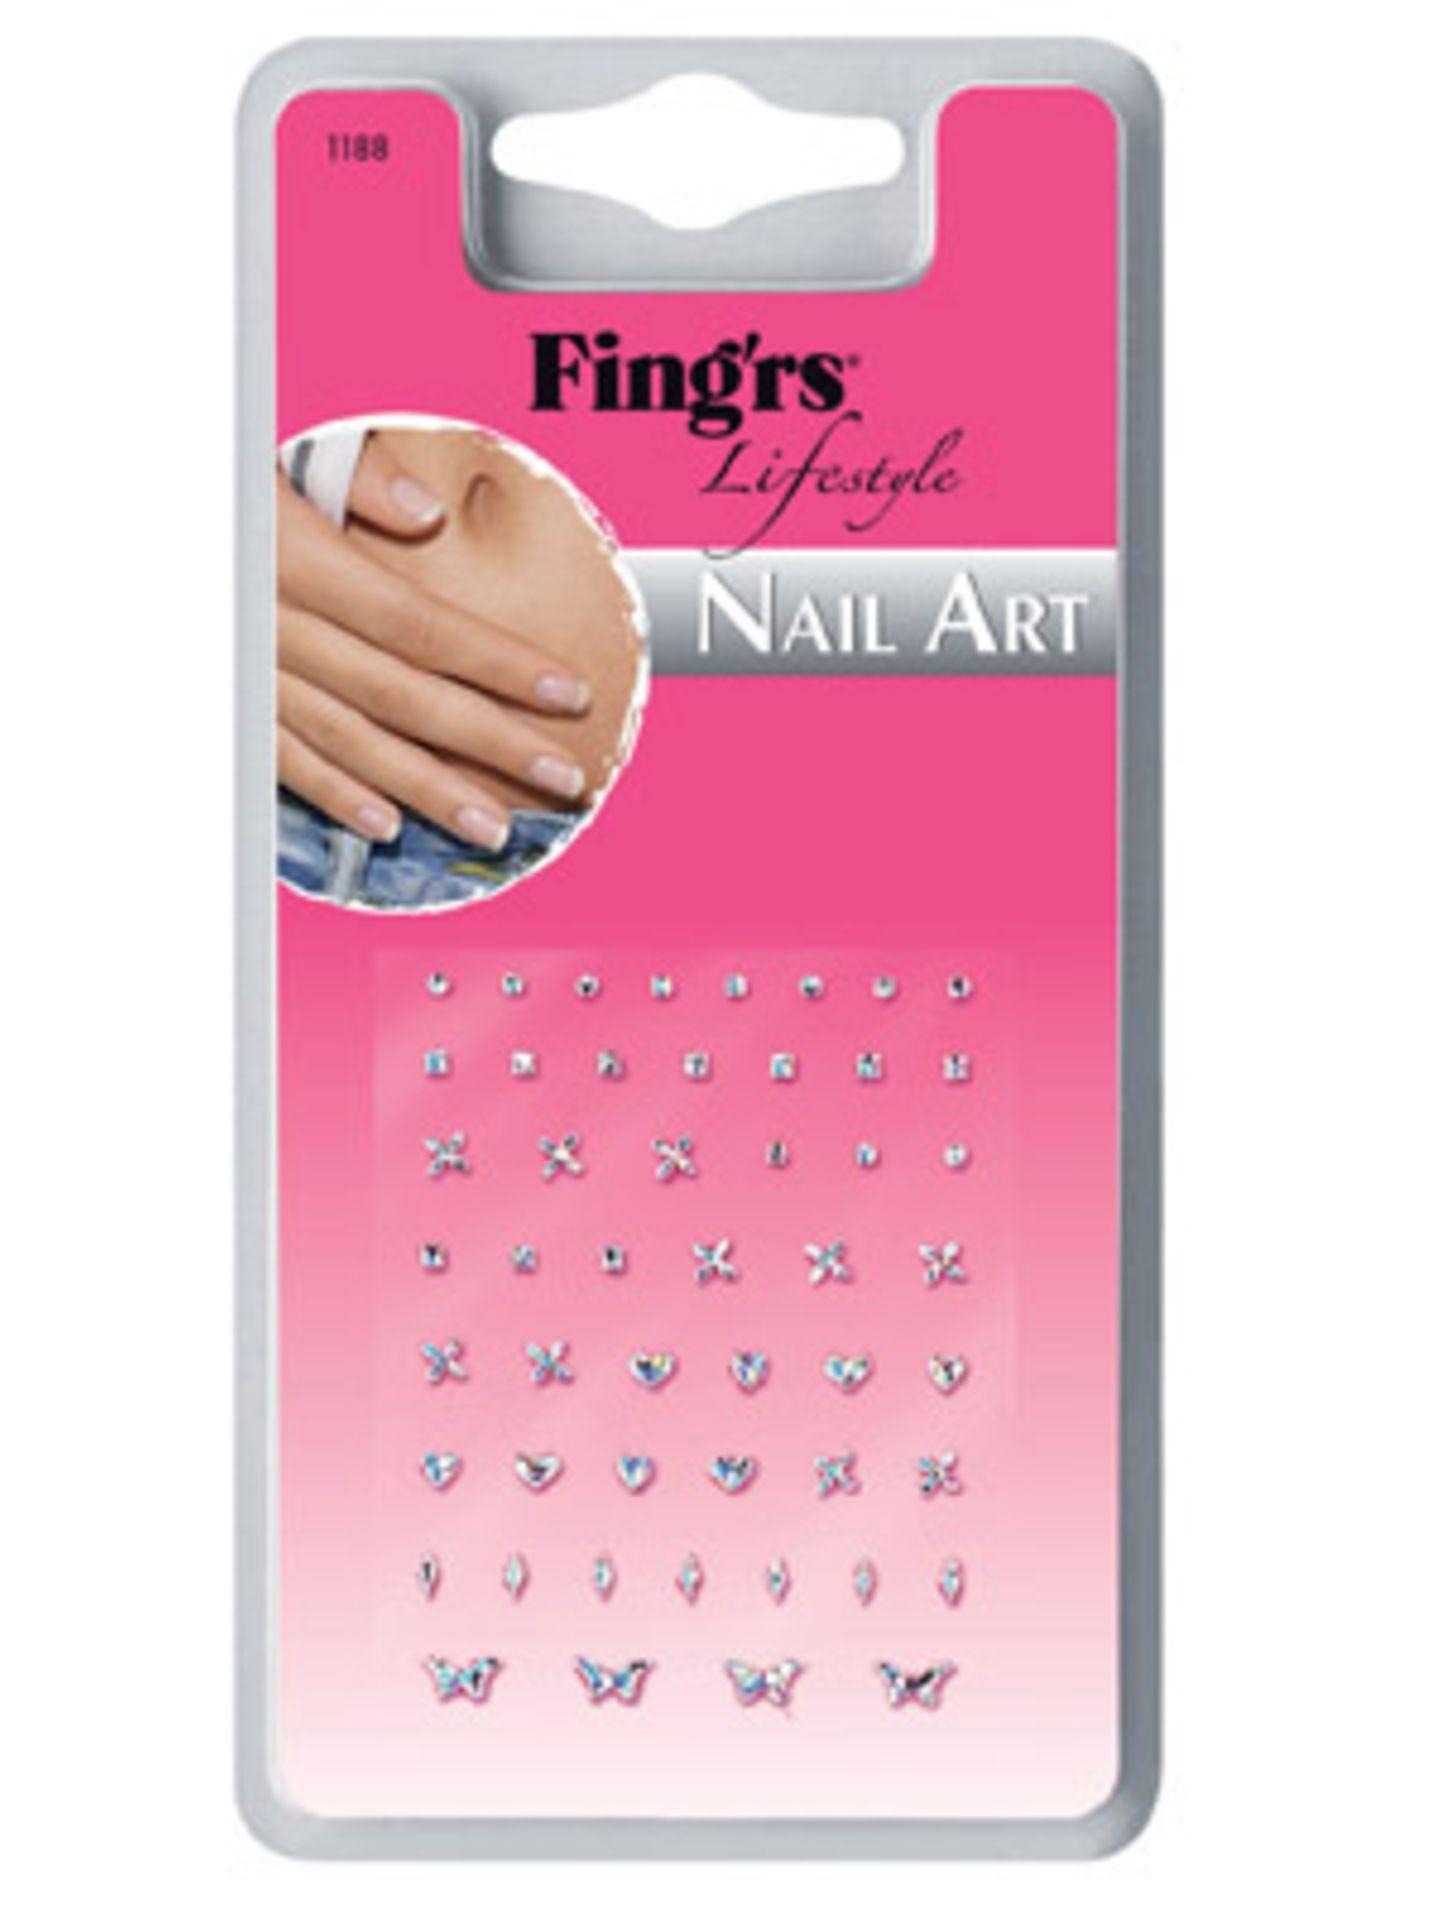 Glänzende Nagel-Sticker von Fing'rs, ca. 4 Euro.